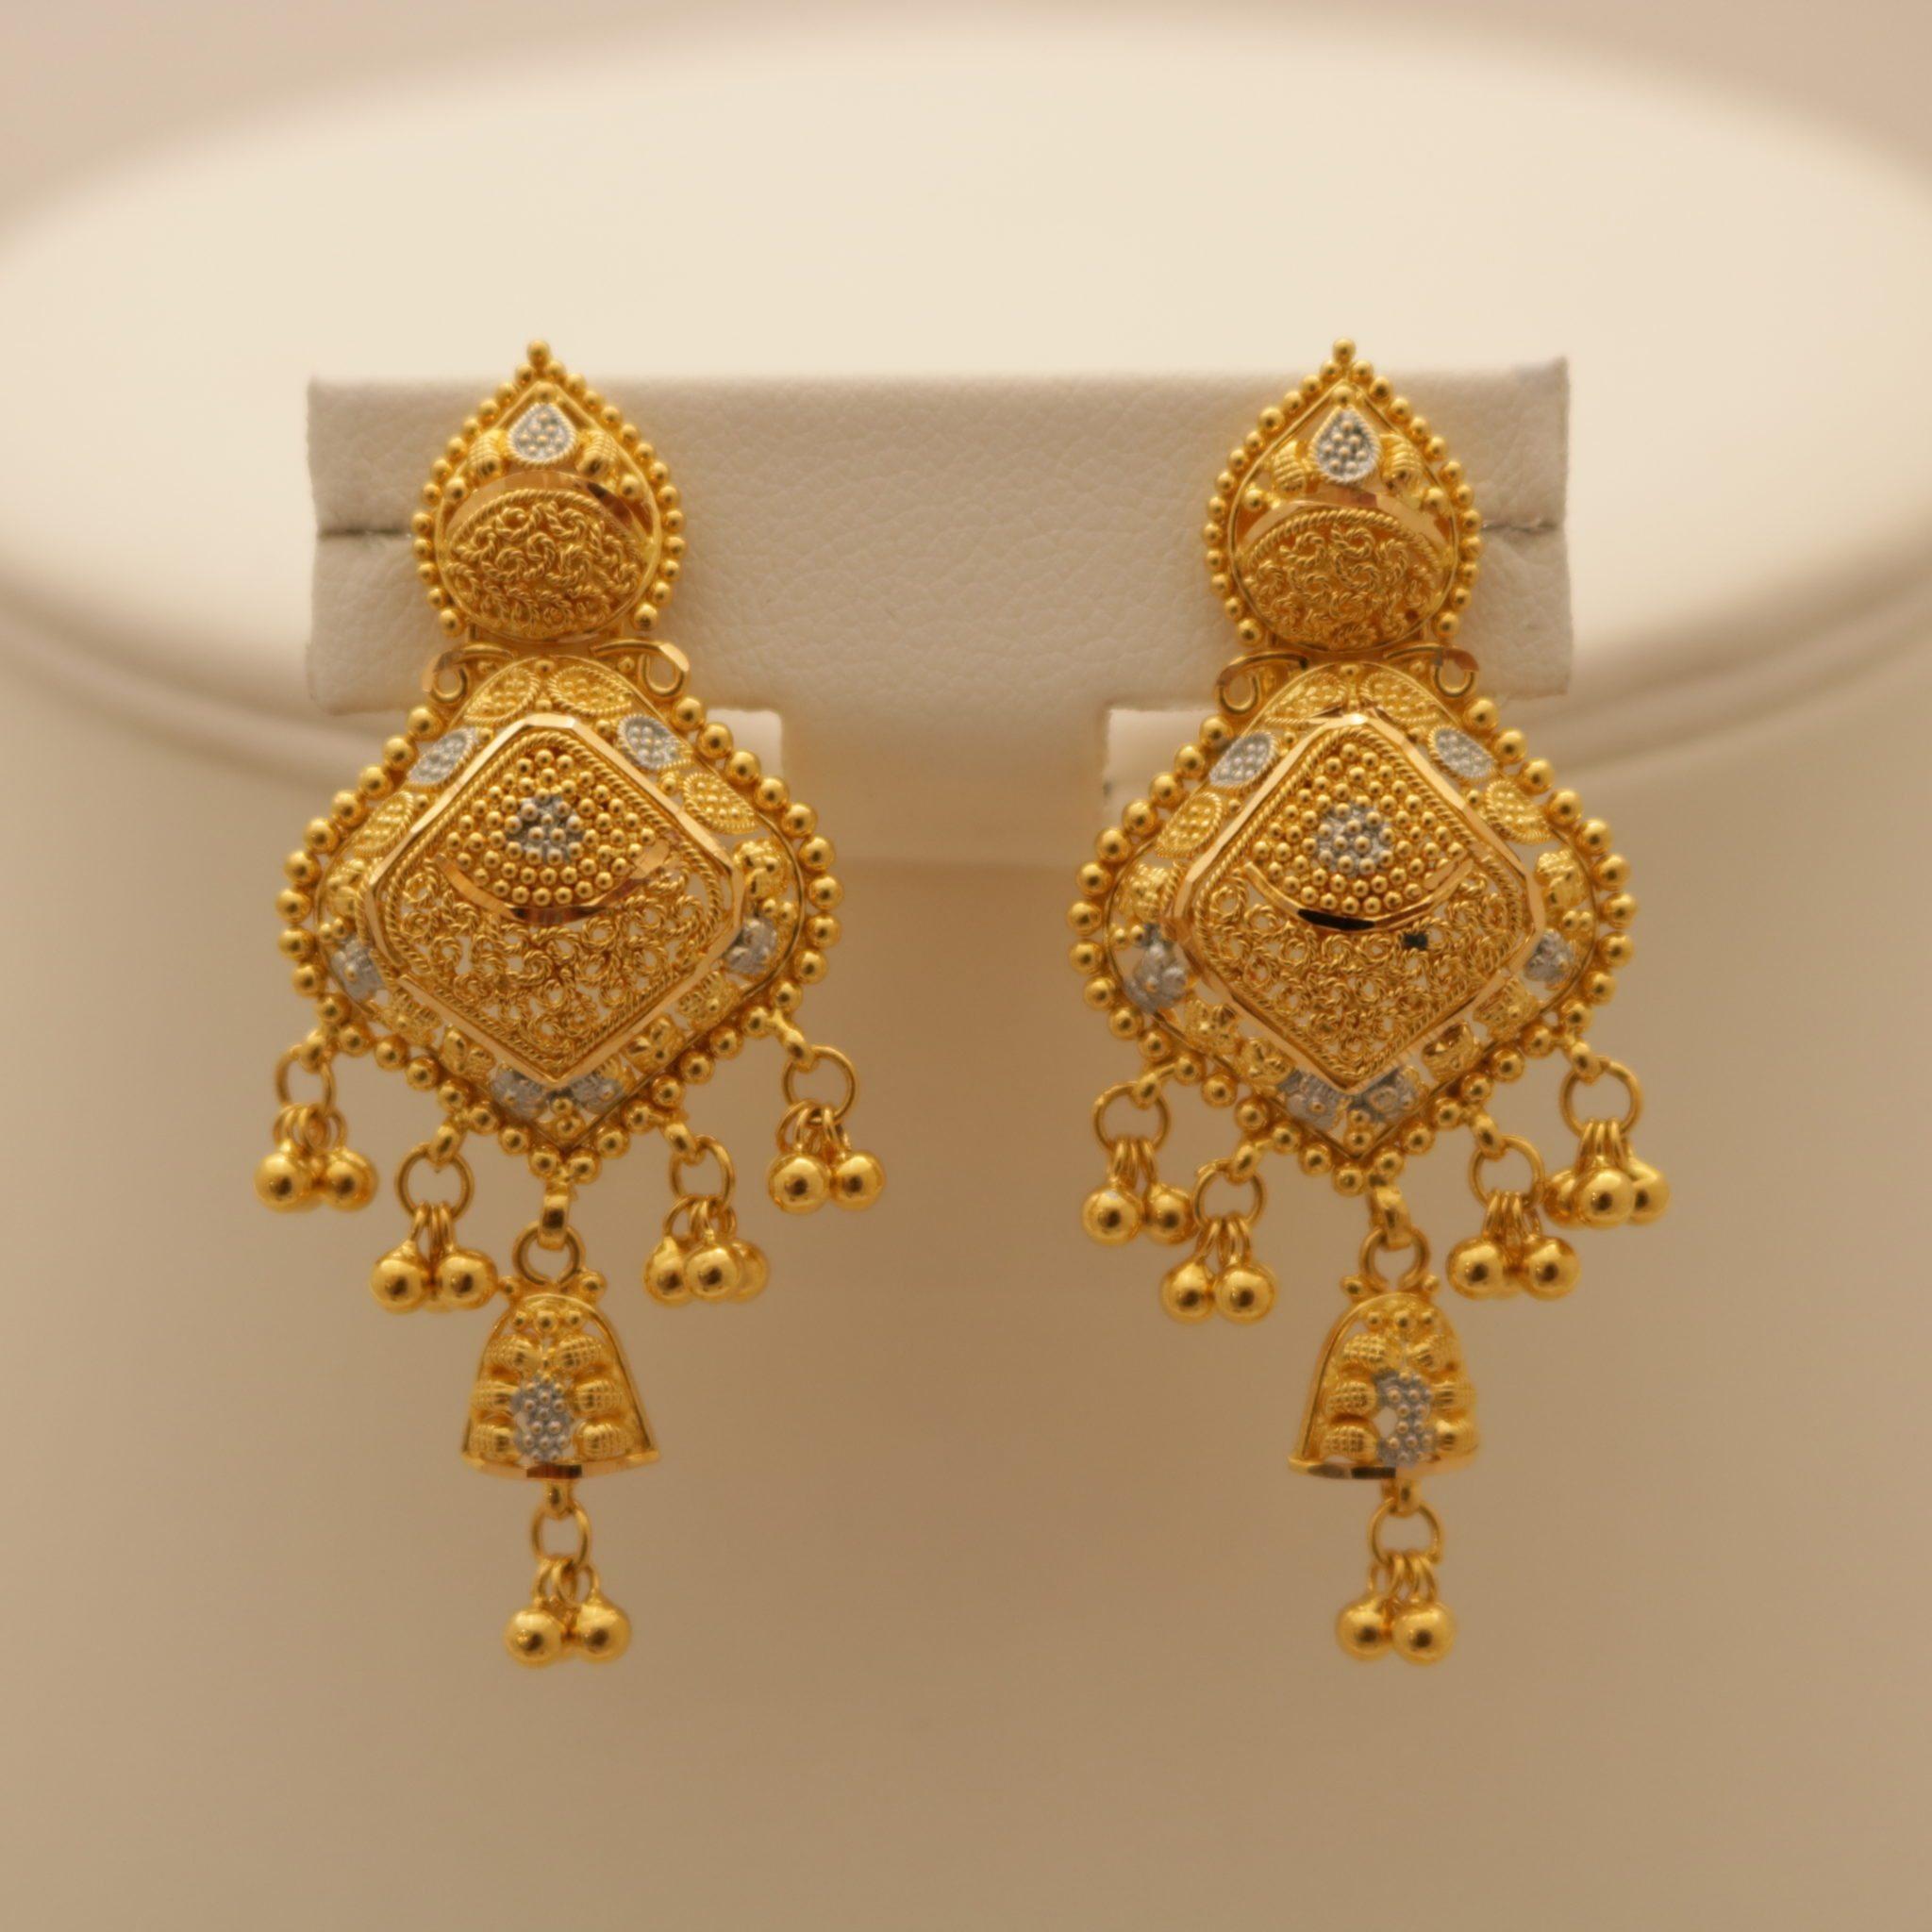 Gold Heavy Earrings Sets Fashion Beauty Mehndi Jewellery